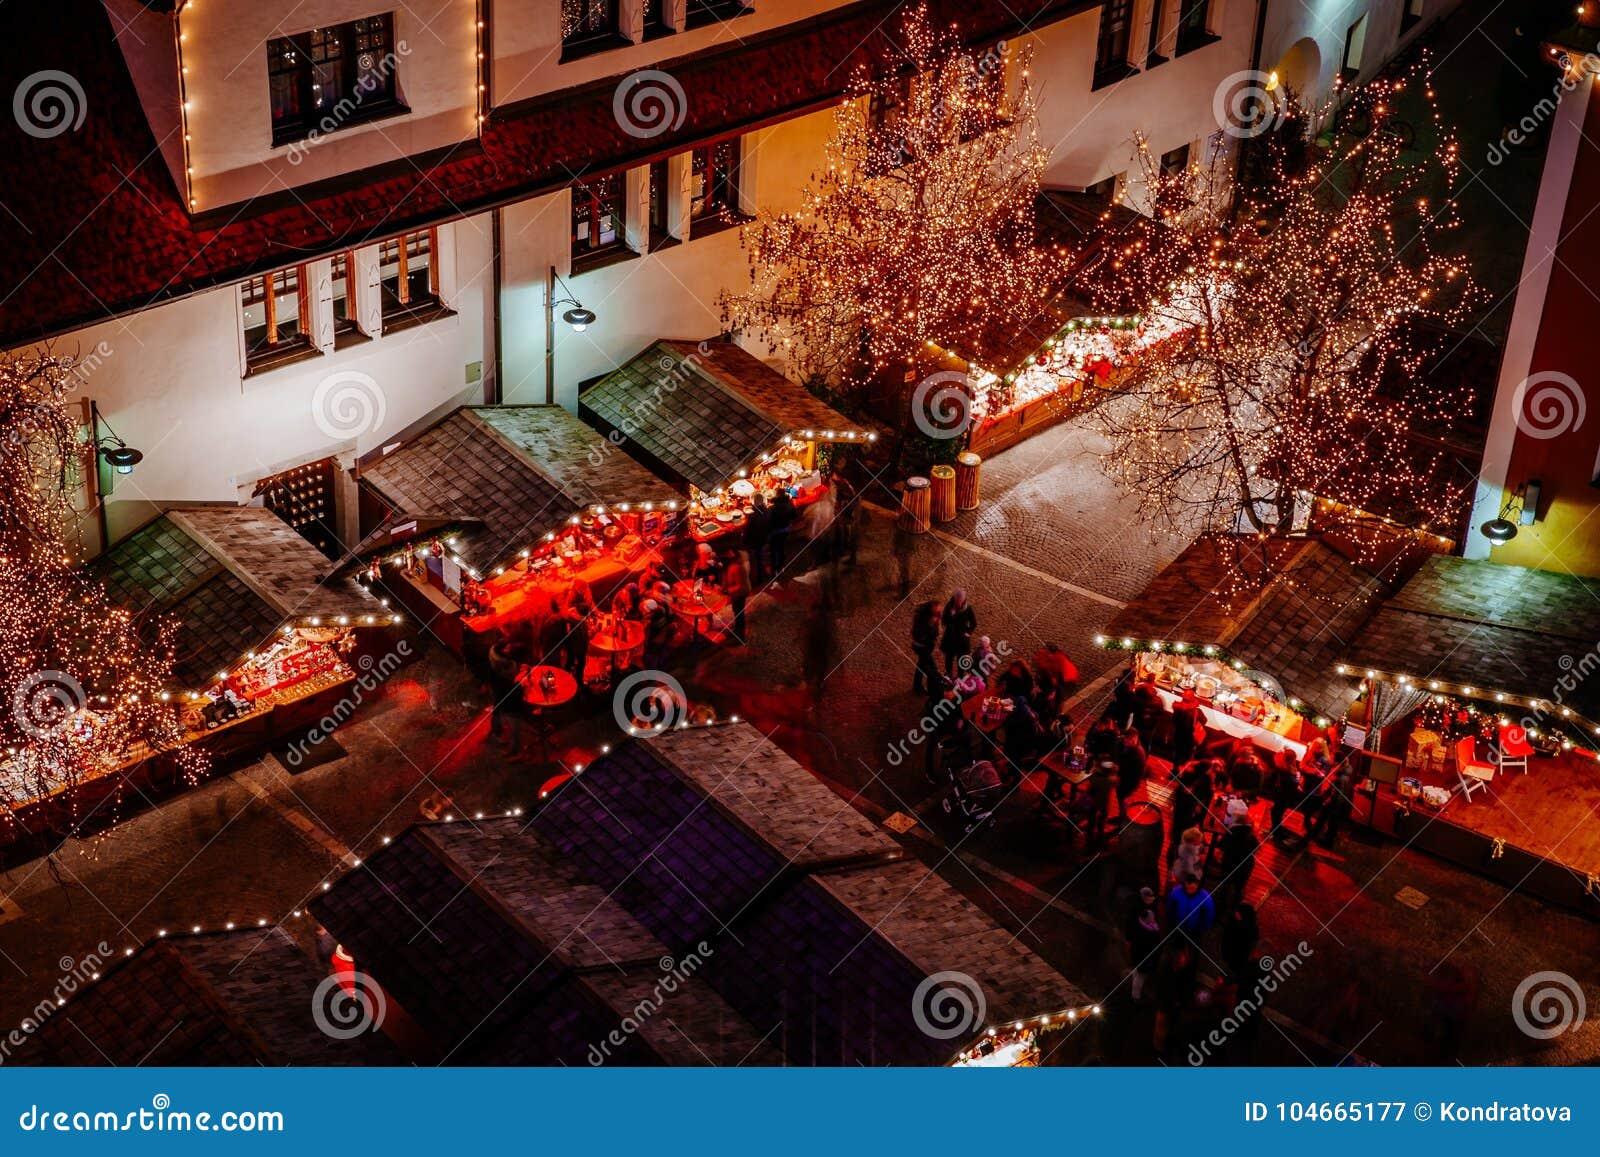 Christmas Market in Vipiteno, Bolzano, Trentino Alto Adige, Italy